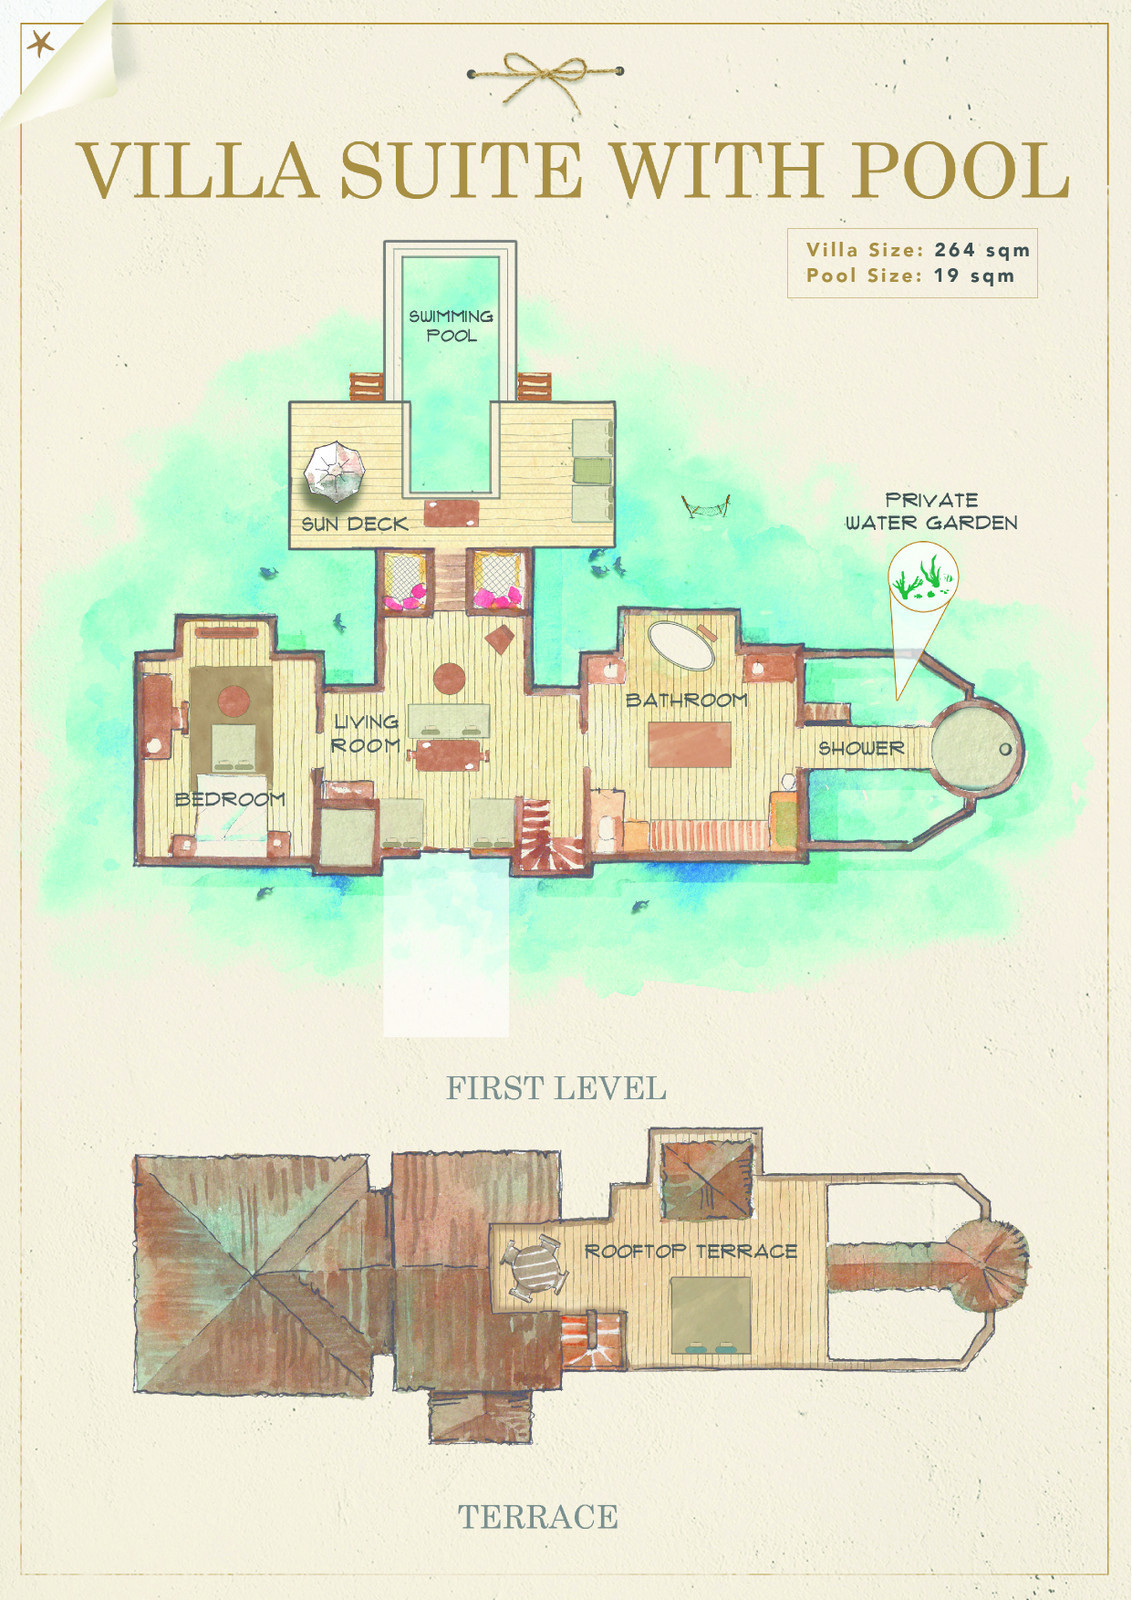 Мальдивы, отель Gili Lankanfushi Maldives, план-схема номера Villa Suite with Pool